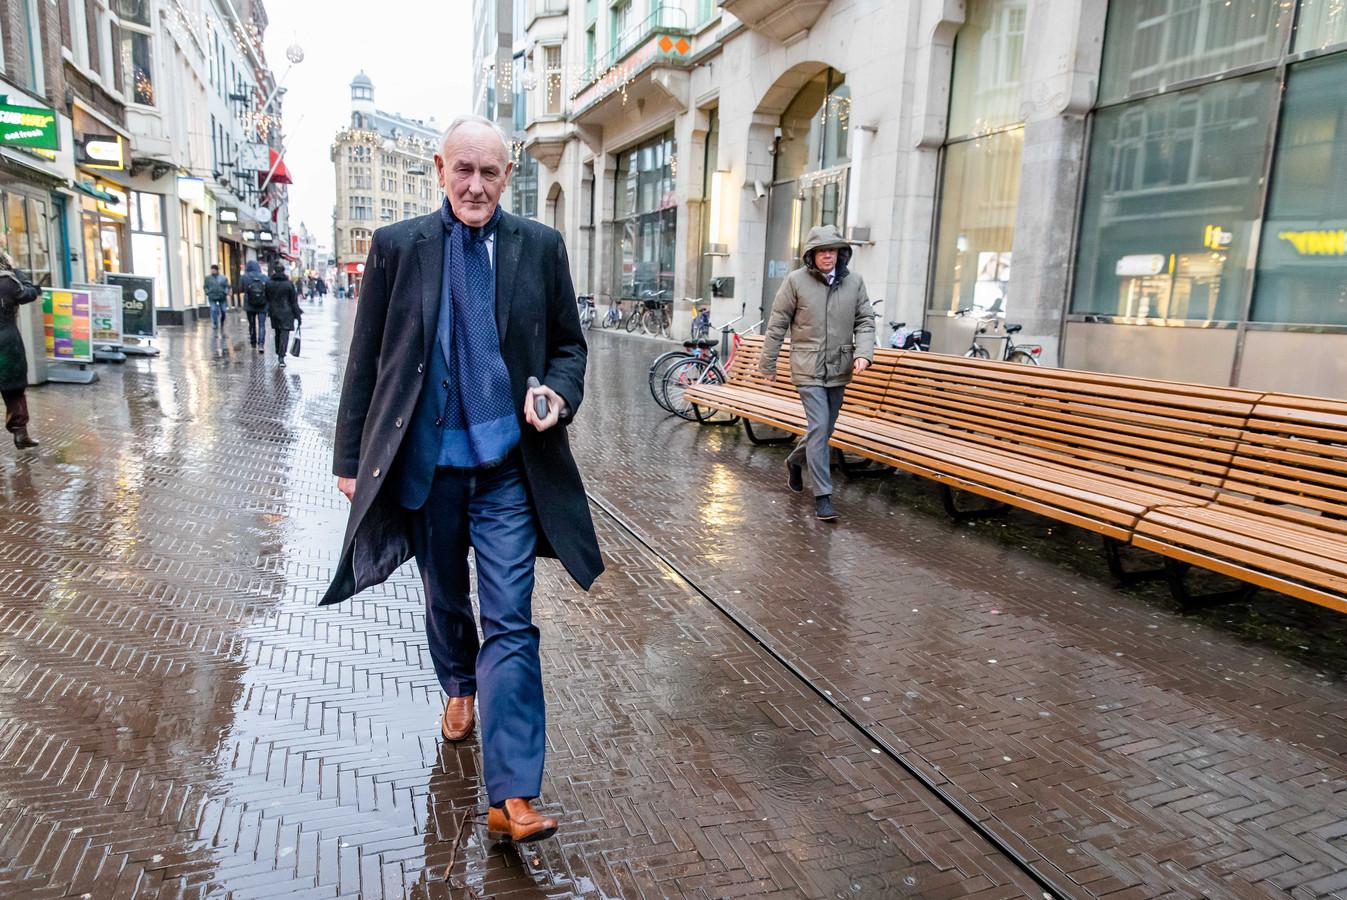 Commissievoorzitter Johan Remkes na de toelichting op zijn tweede adviesrapport over stikstof in het Haagse Nieuwspoort.